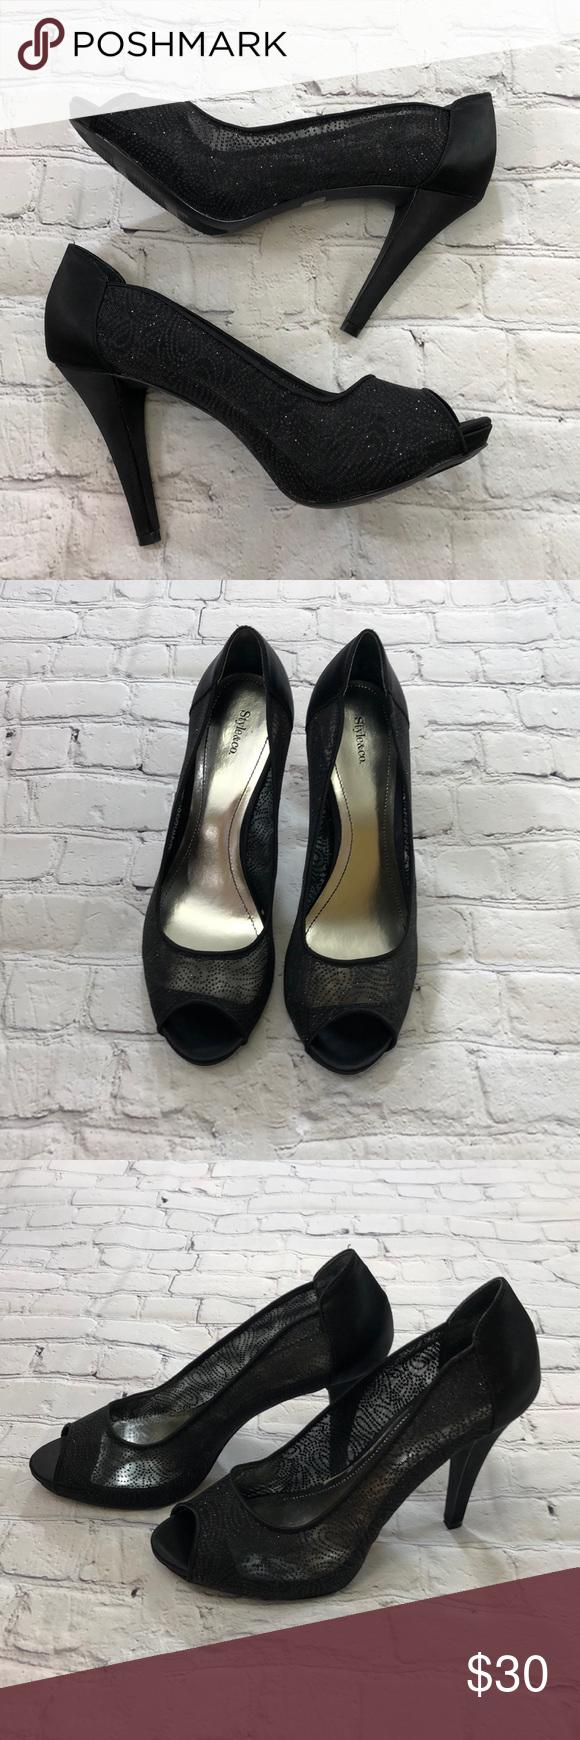 Black Dressy Heels Style Co In 2020 Dressy Heel Shoes Women Heels Style Co